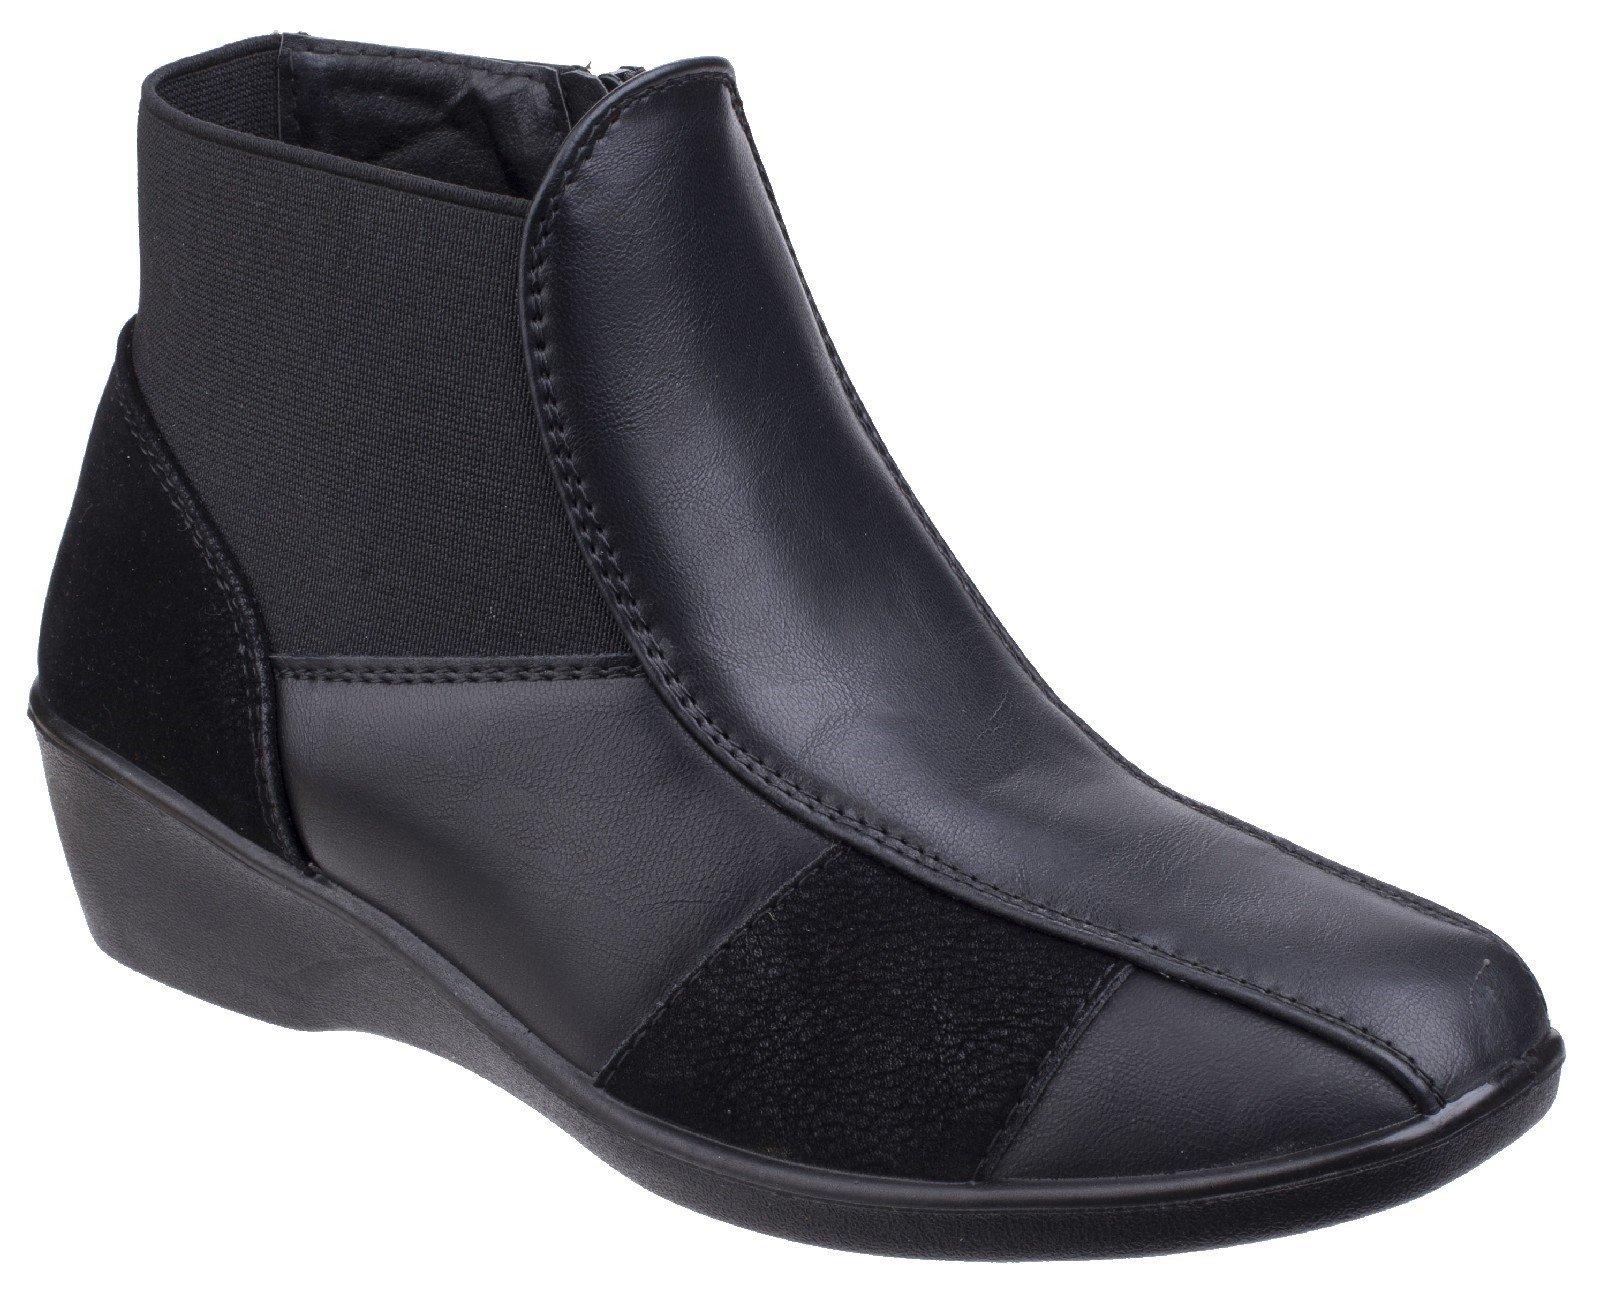 Fleet & Foster Women's Festa Ankle Boot Black 25560-42532 - Black 3